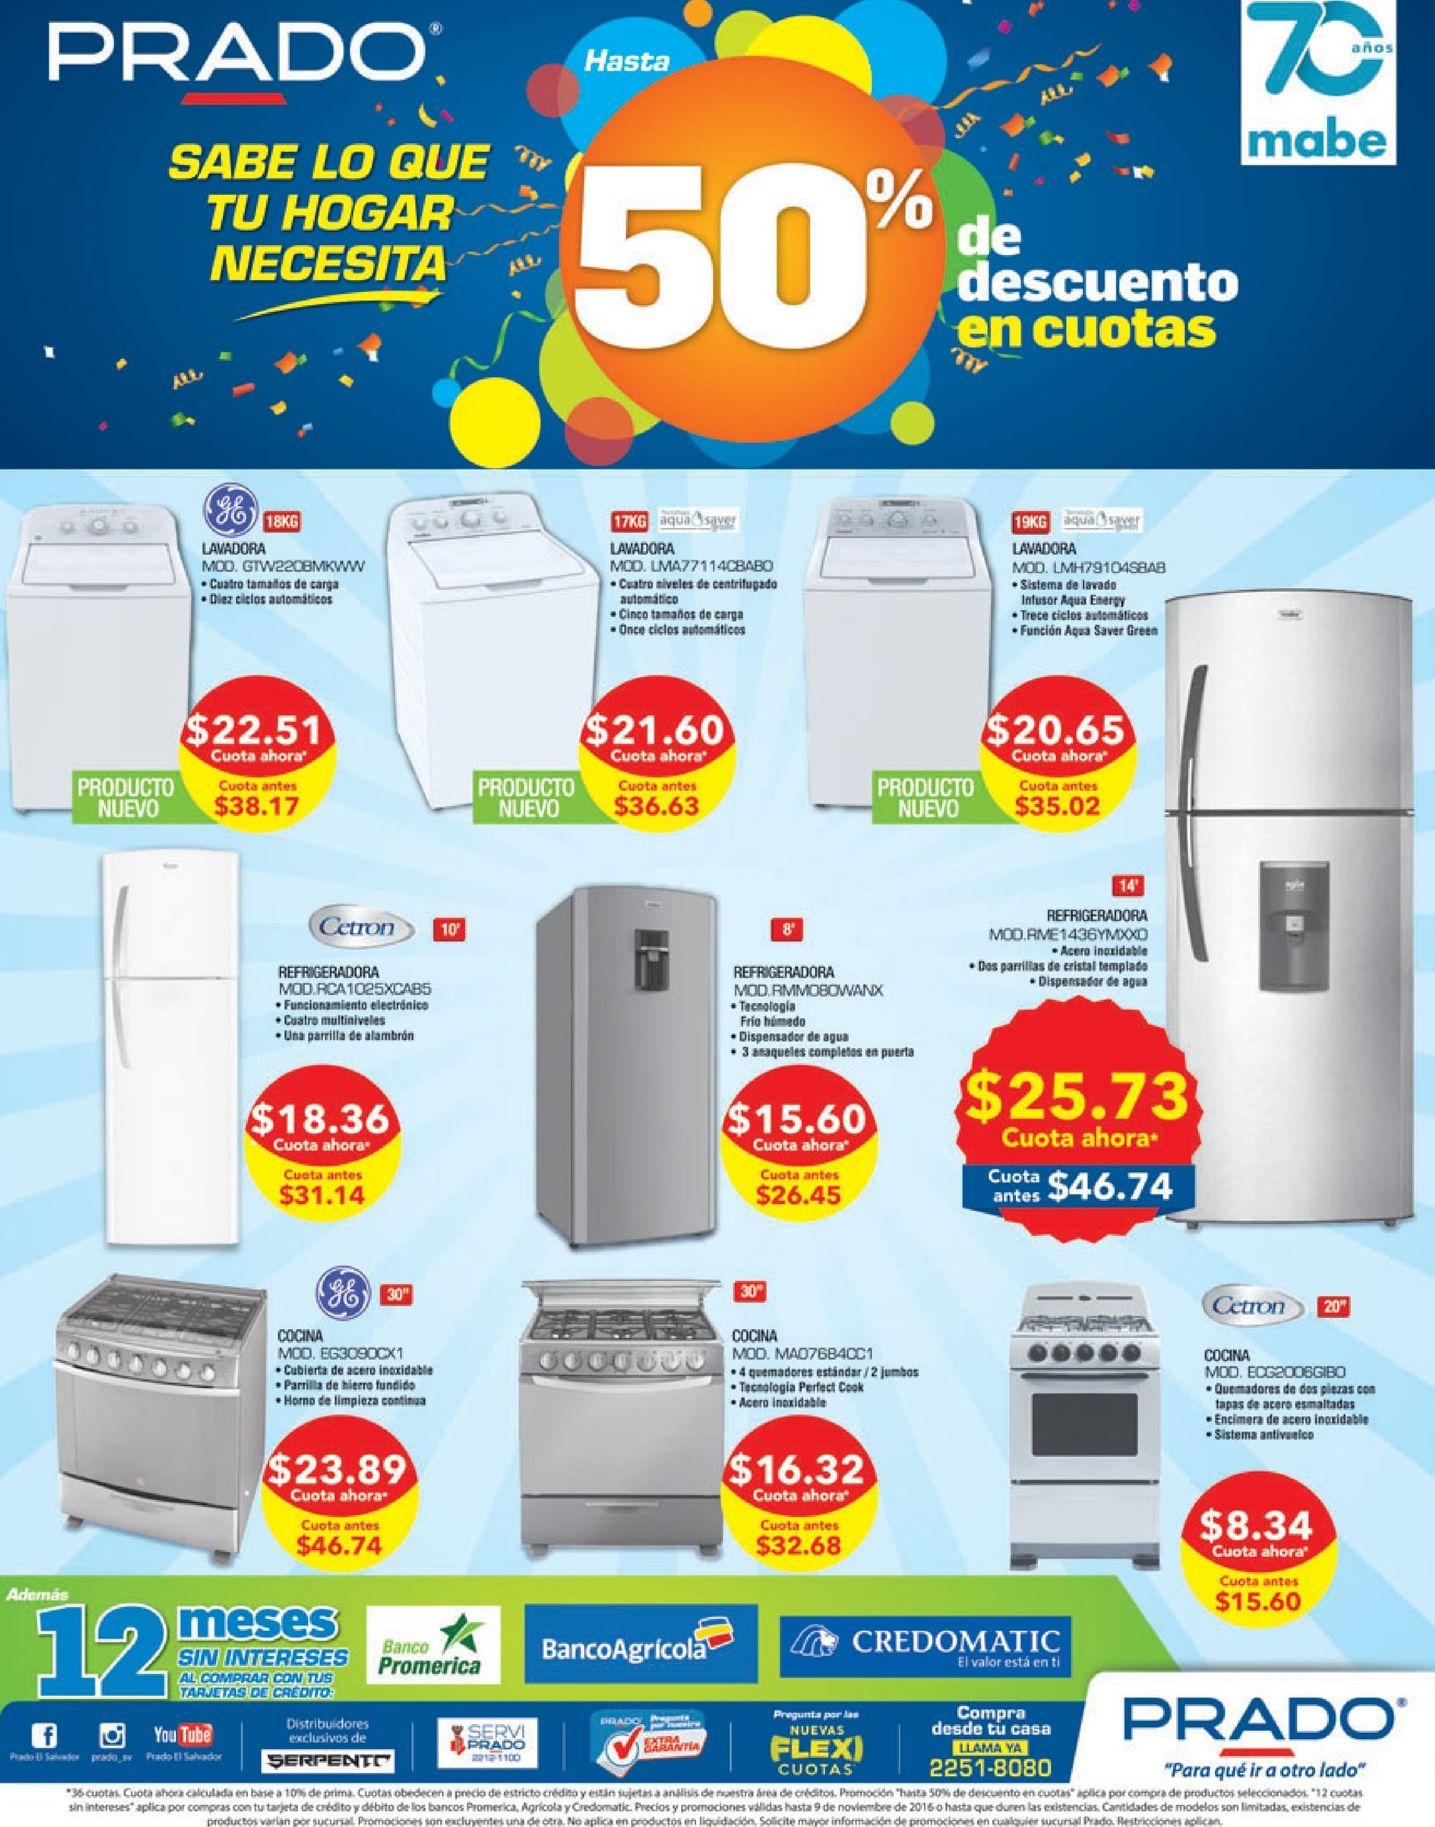 cambia-tu-cocina-refri-y-lavadora-con-los-descuentos-prado-05nov16